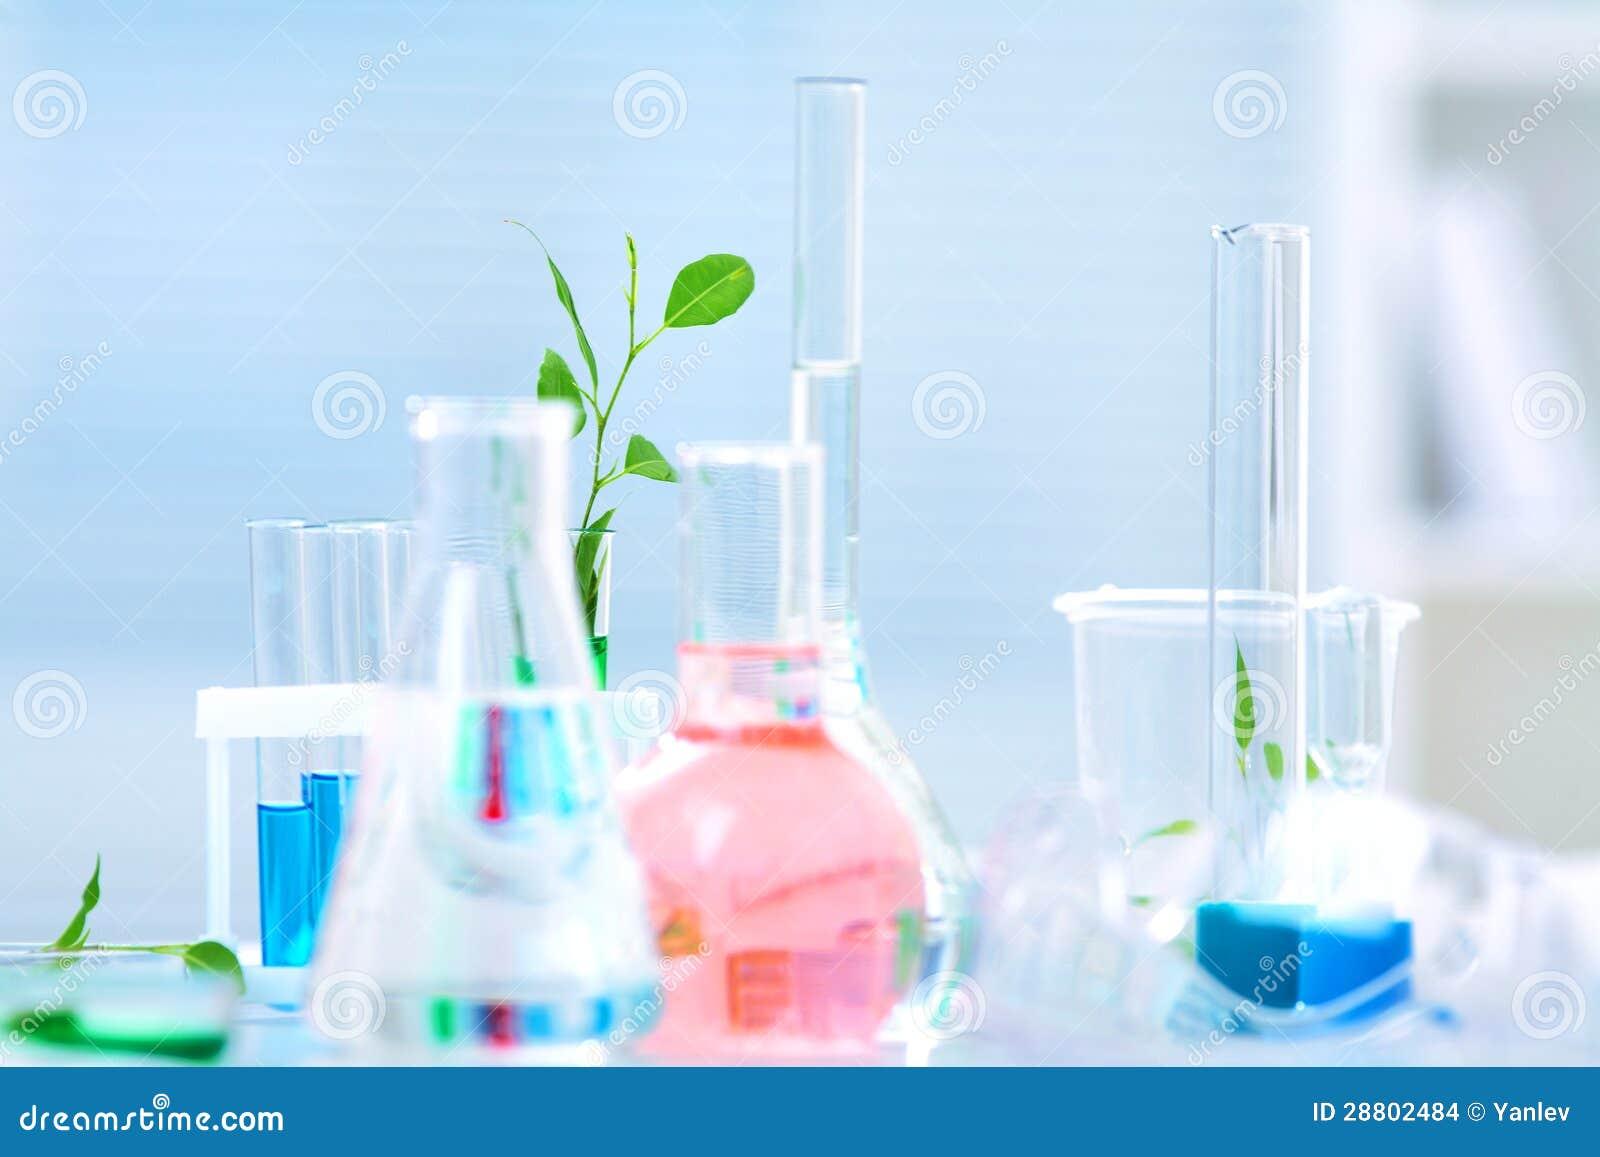 Посуда химическая лабораторная, изделия из стекла, кварца, фарфора, металлов и др